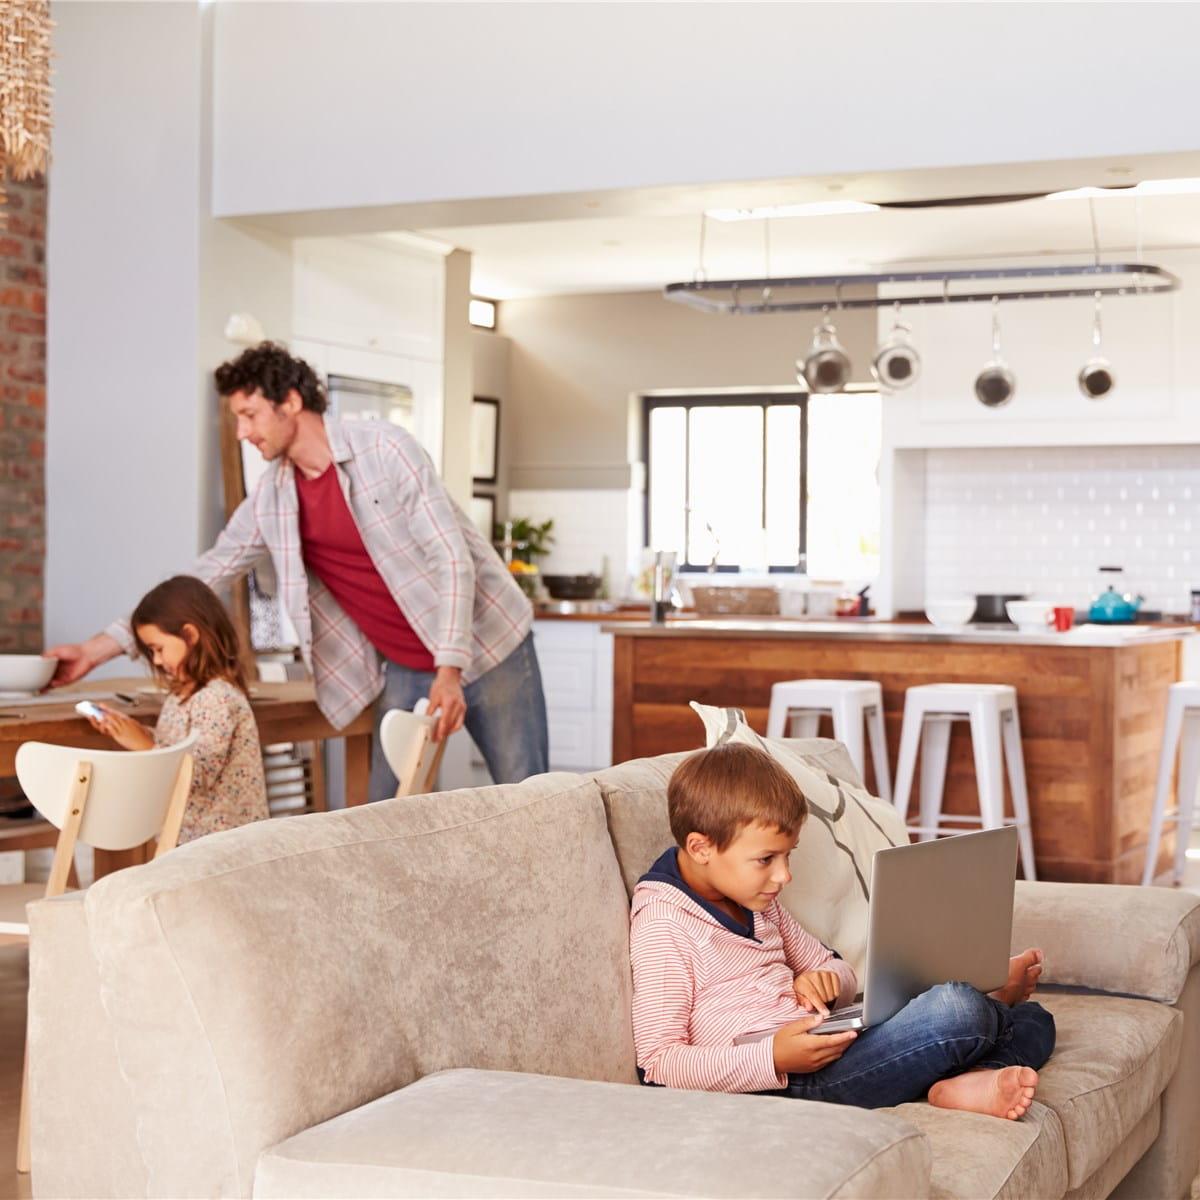 ergo versicherung uwe maus in krefeld versicherung ergo. Black Bedroom Furniture Sets. Home Design Ideas